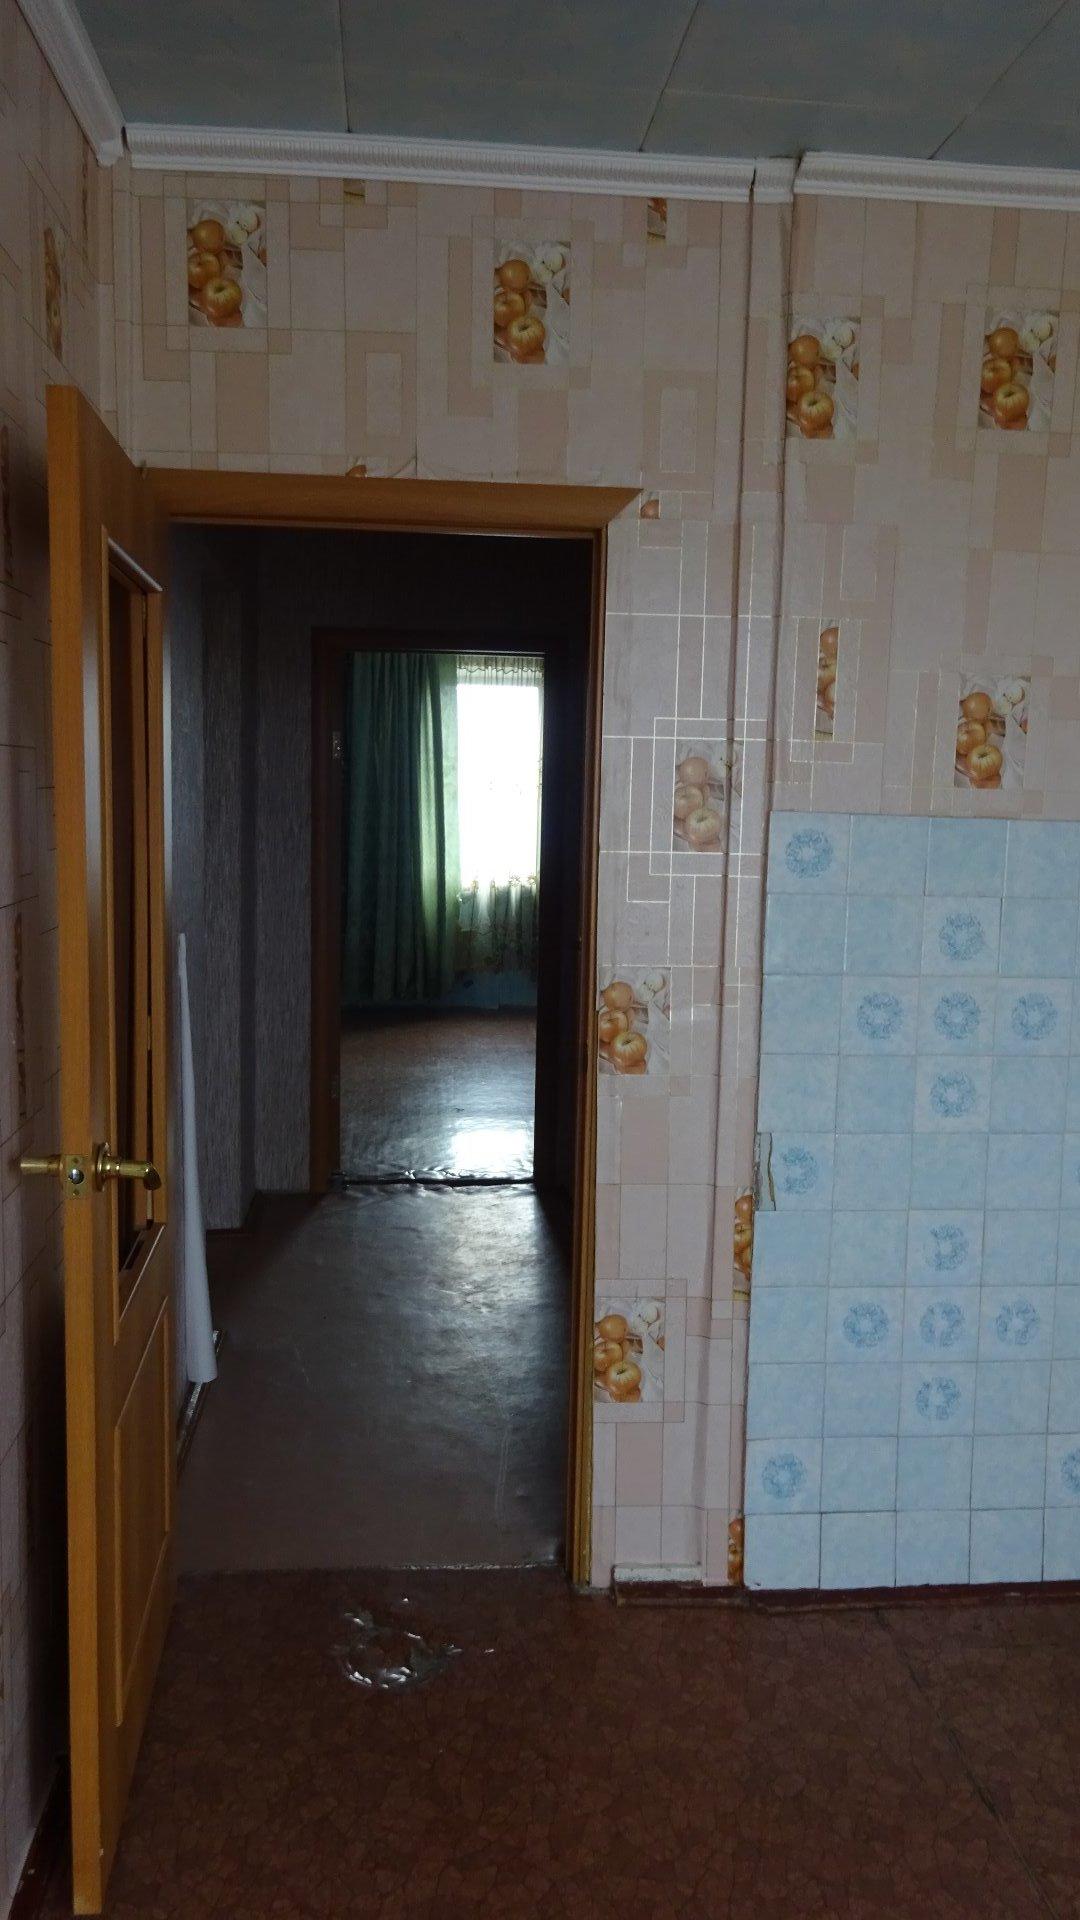 http://mielsever.3an.ru/files/1569736887_DSC04883.jpg